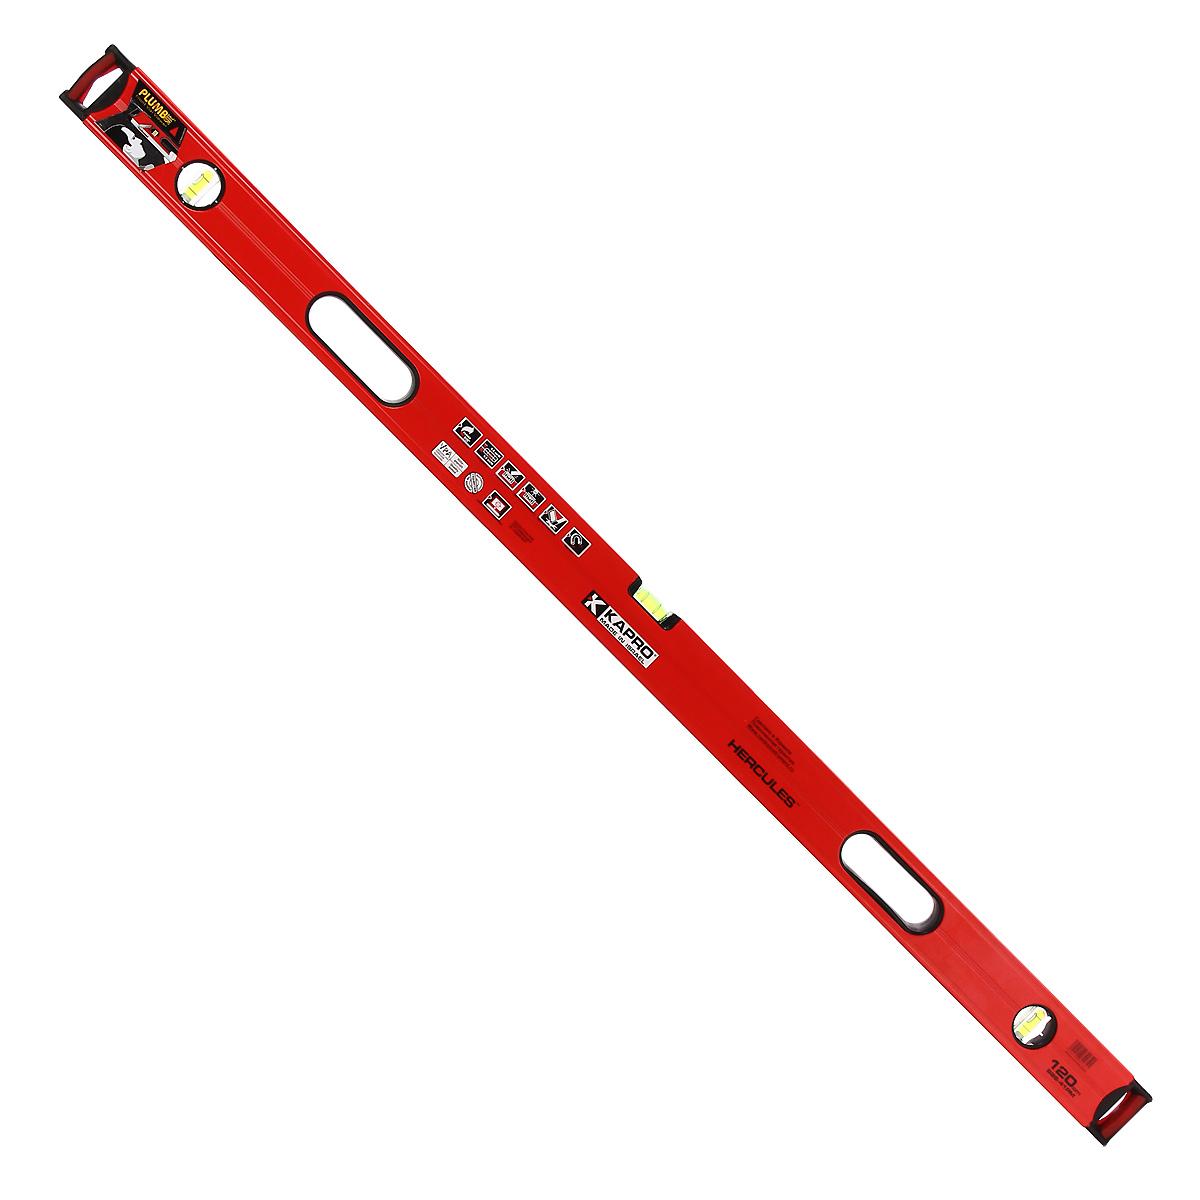 Уровень магнитный Kapro PlumbSite Hercules, 3 колбы, 120 см